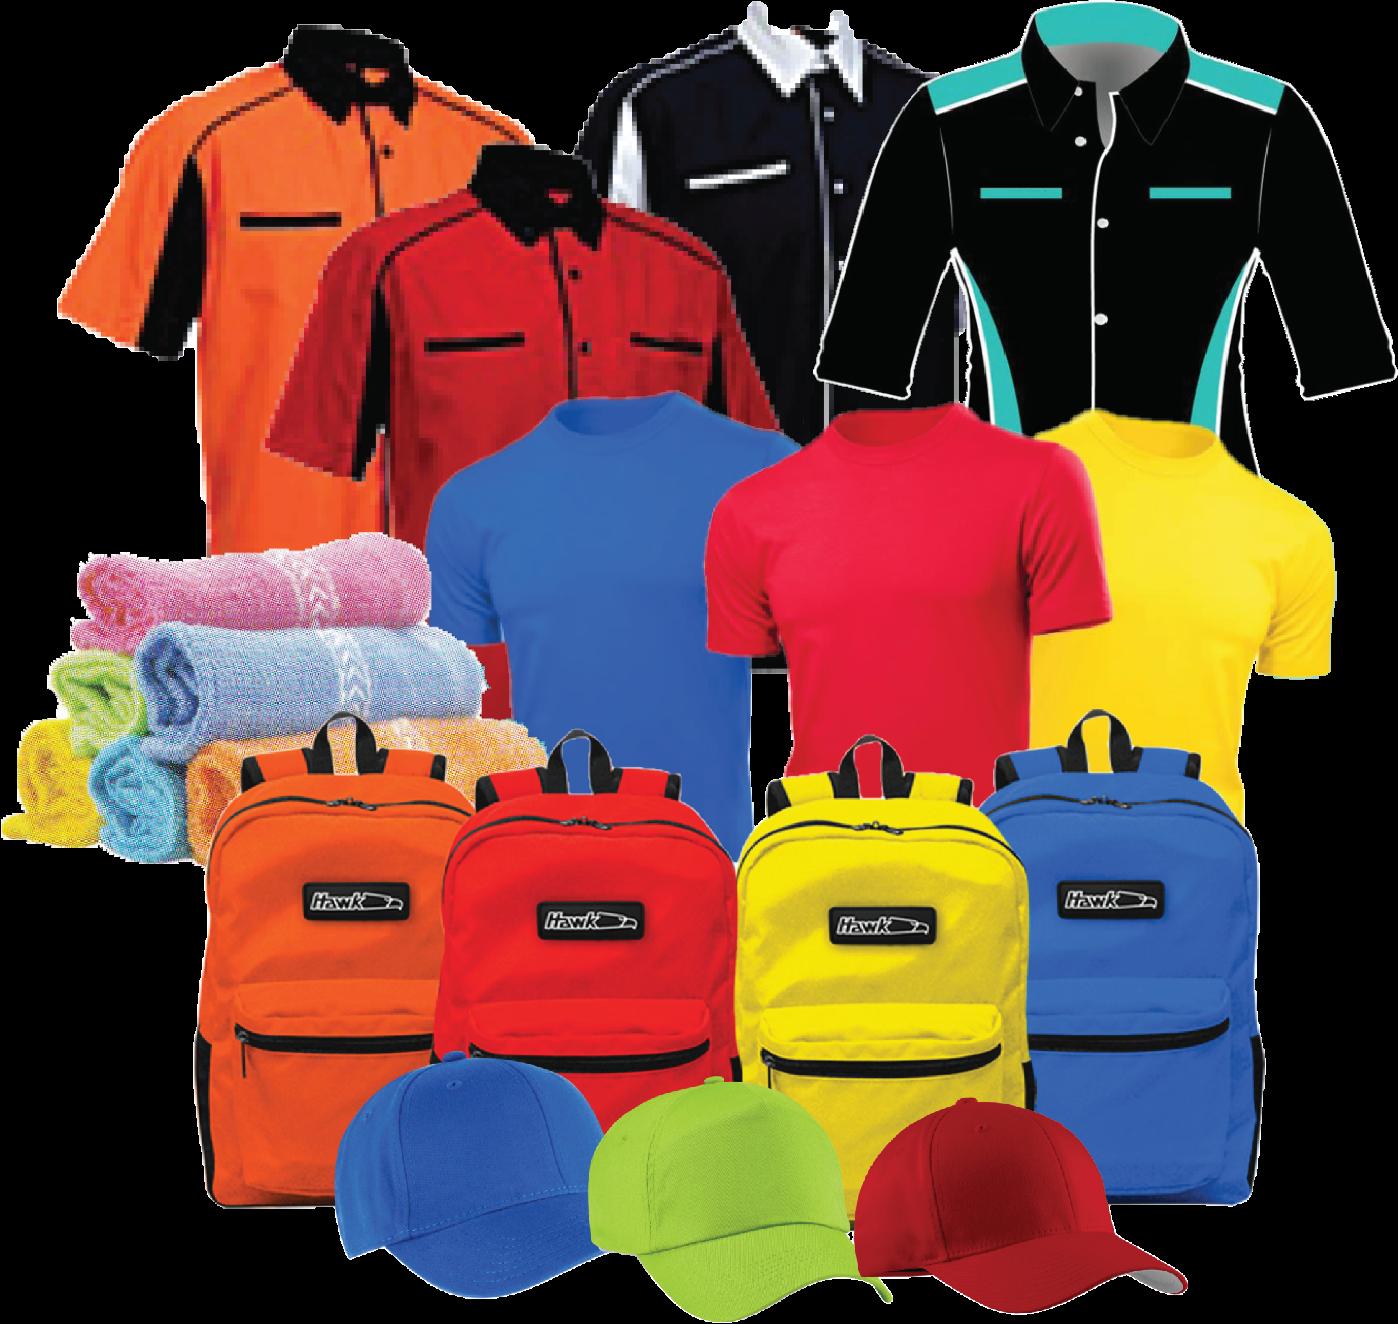 retech-tshirt-uniform-gift